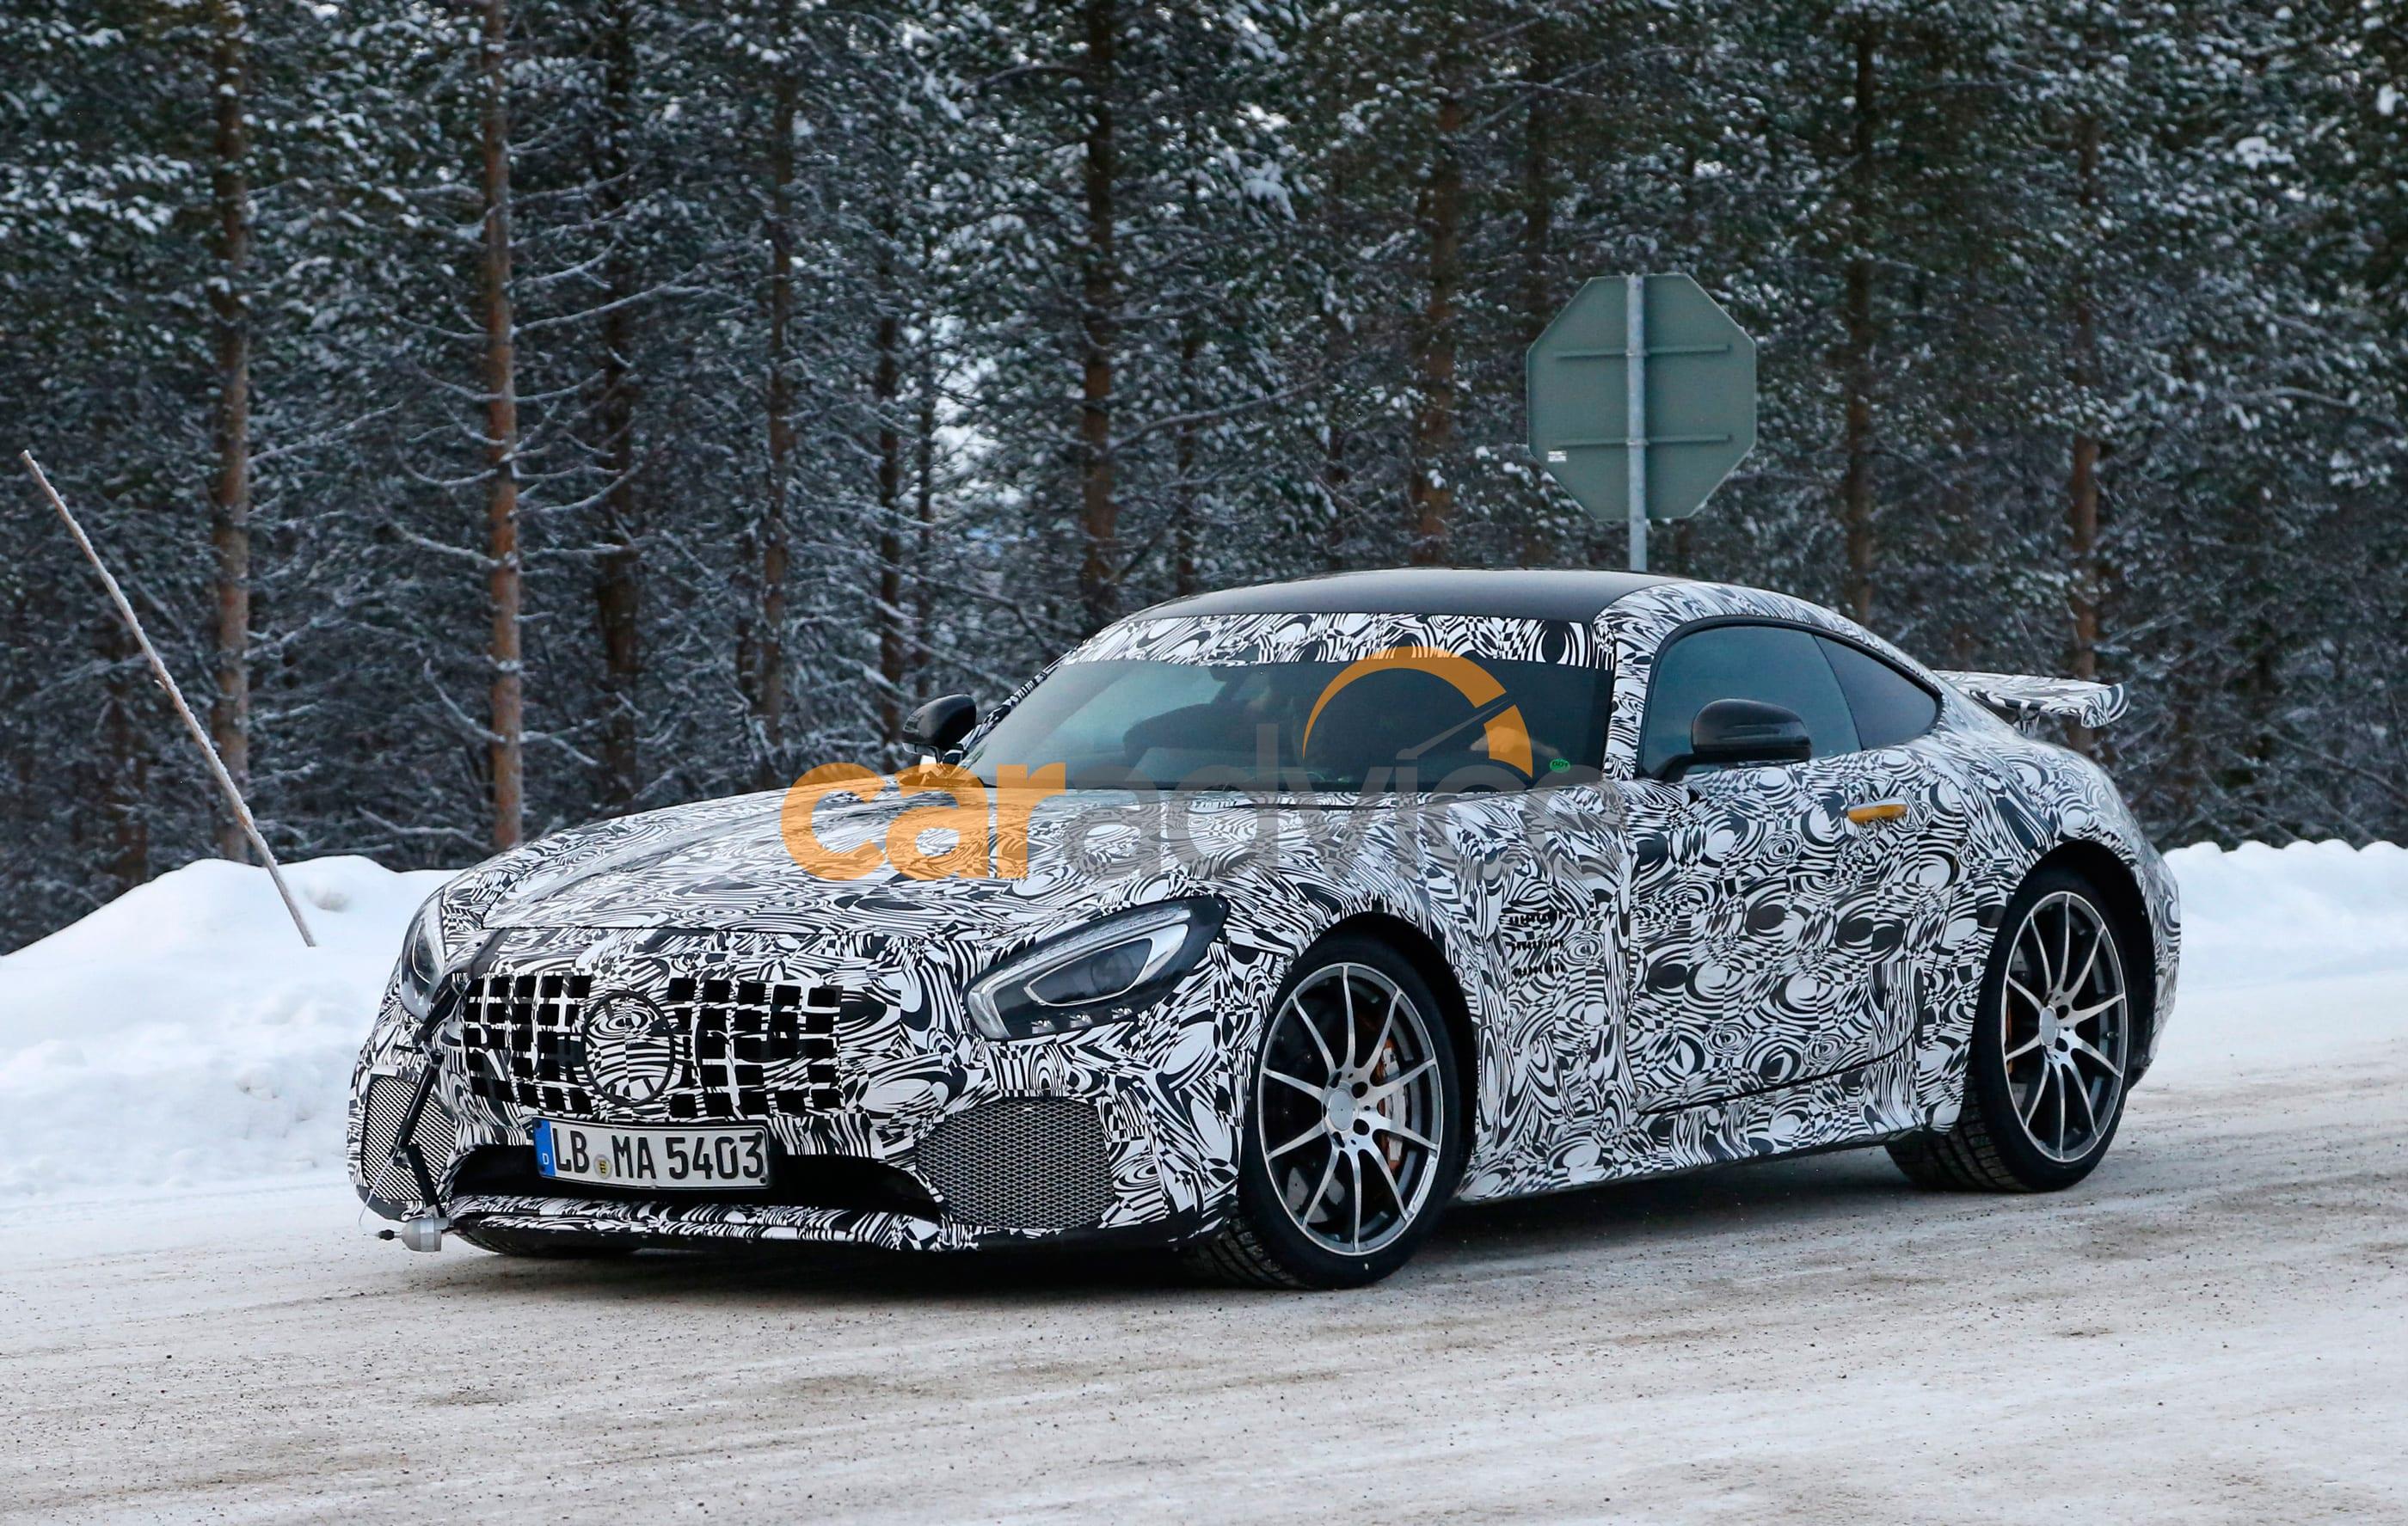 Mercedes AMG GT R 1a